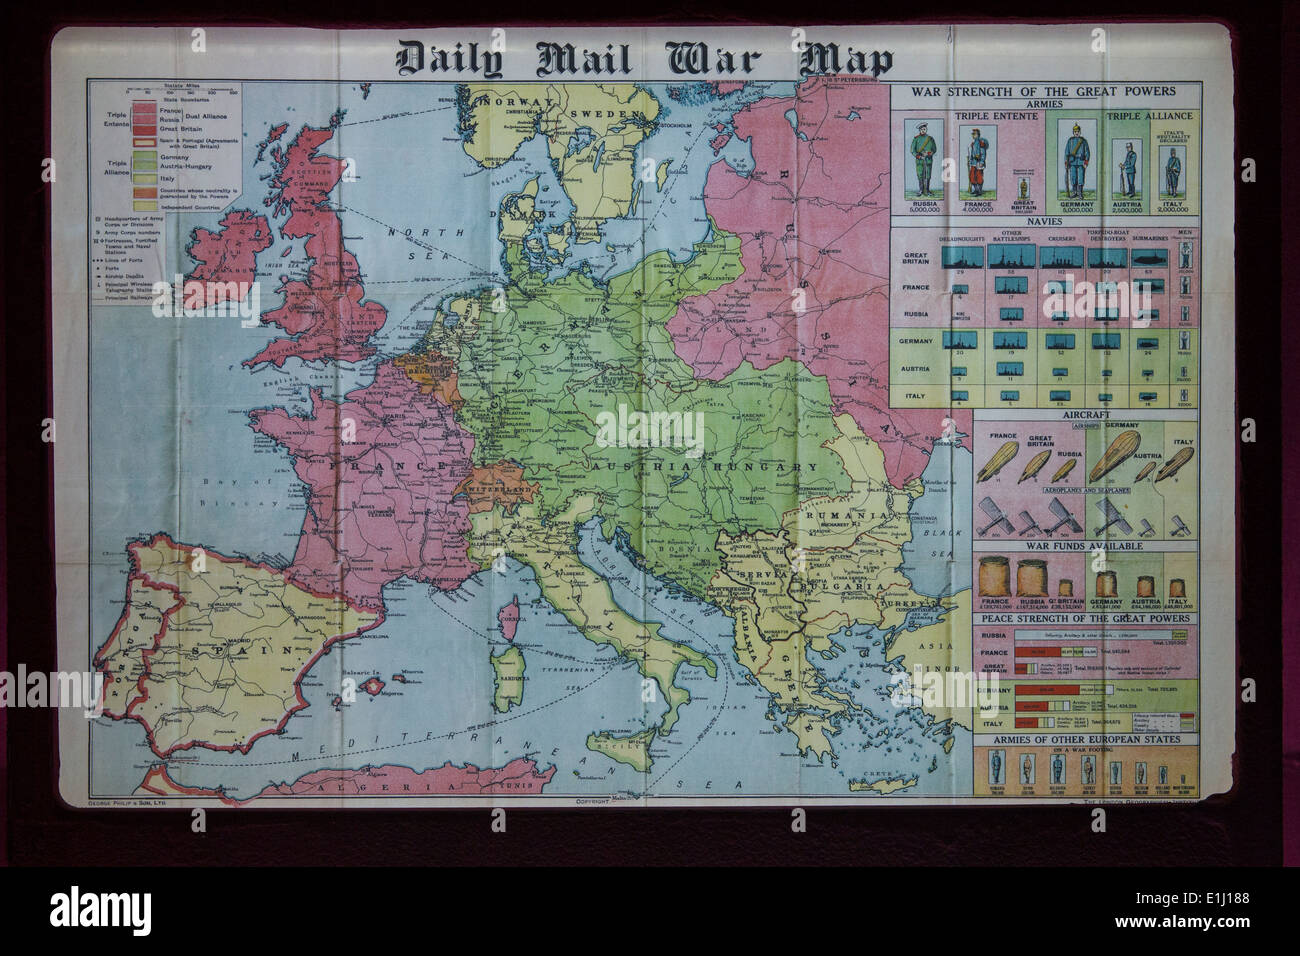 First world war map stock photos first world war map stock images daily mail war map stock image gumiabroncs Images